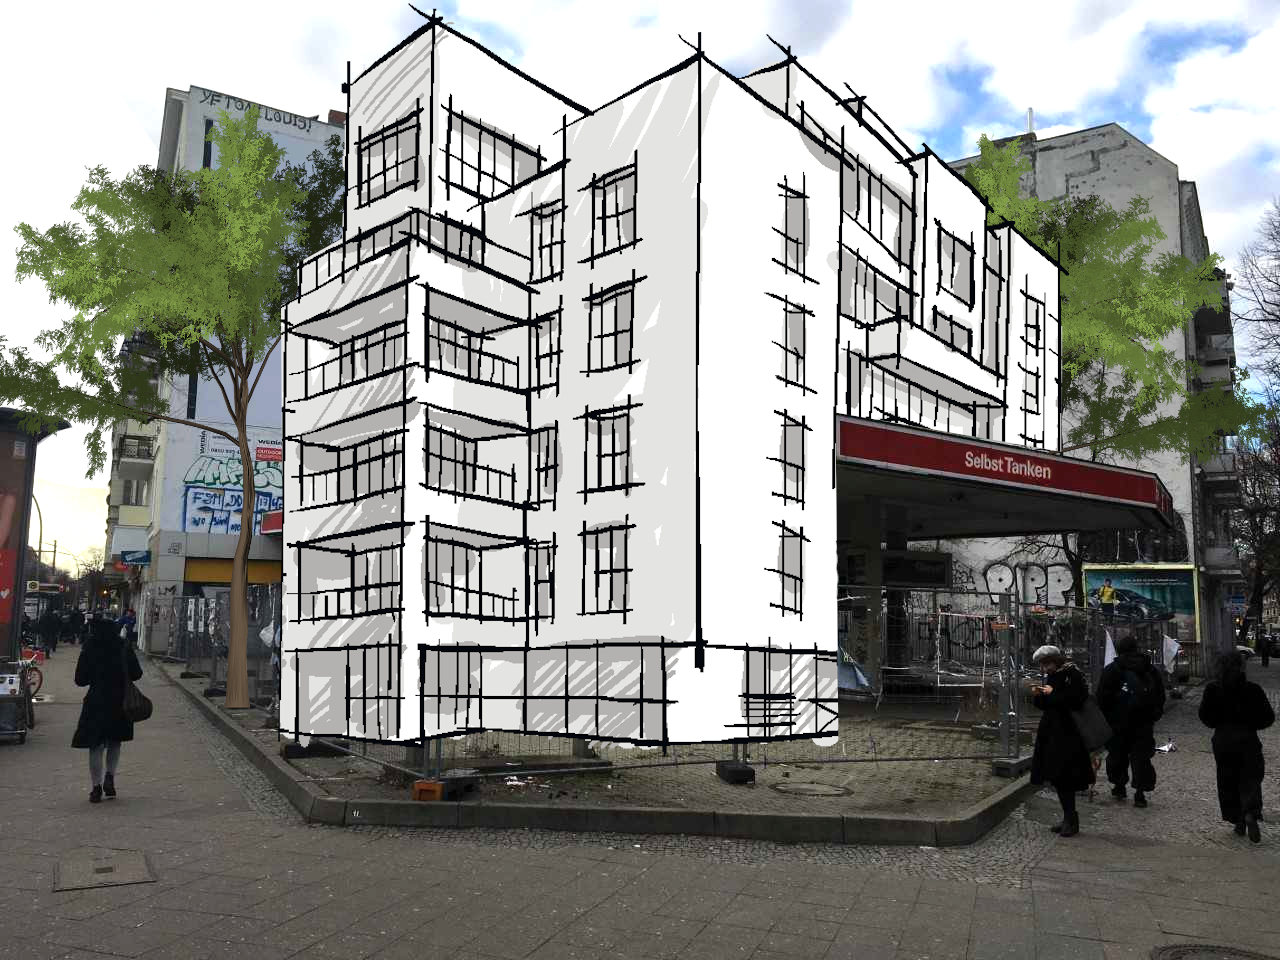 Beispielbild für die Nutzung ehemaliger Autoinfrastruktur für den Wohnungsmarkt (Grafik: Alexander Czeh/EXPERI)